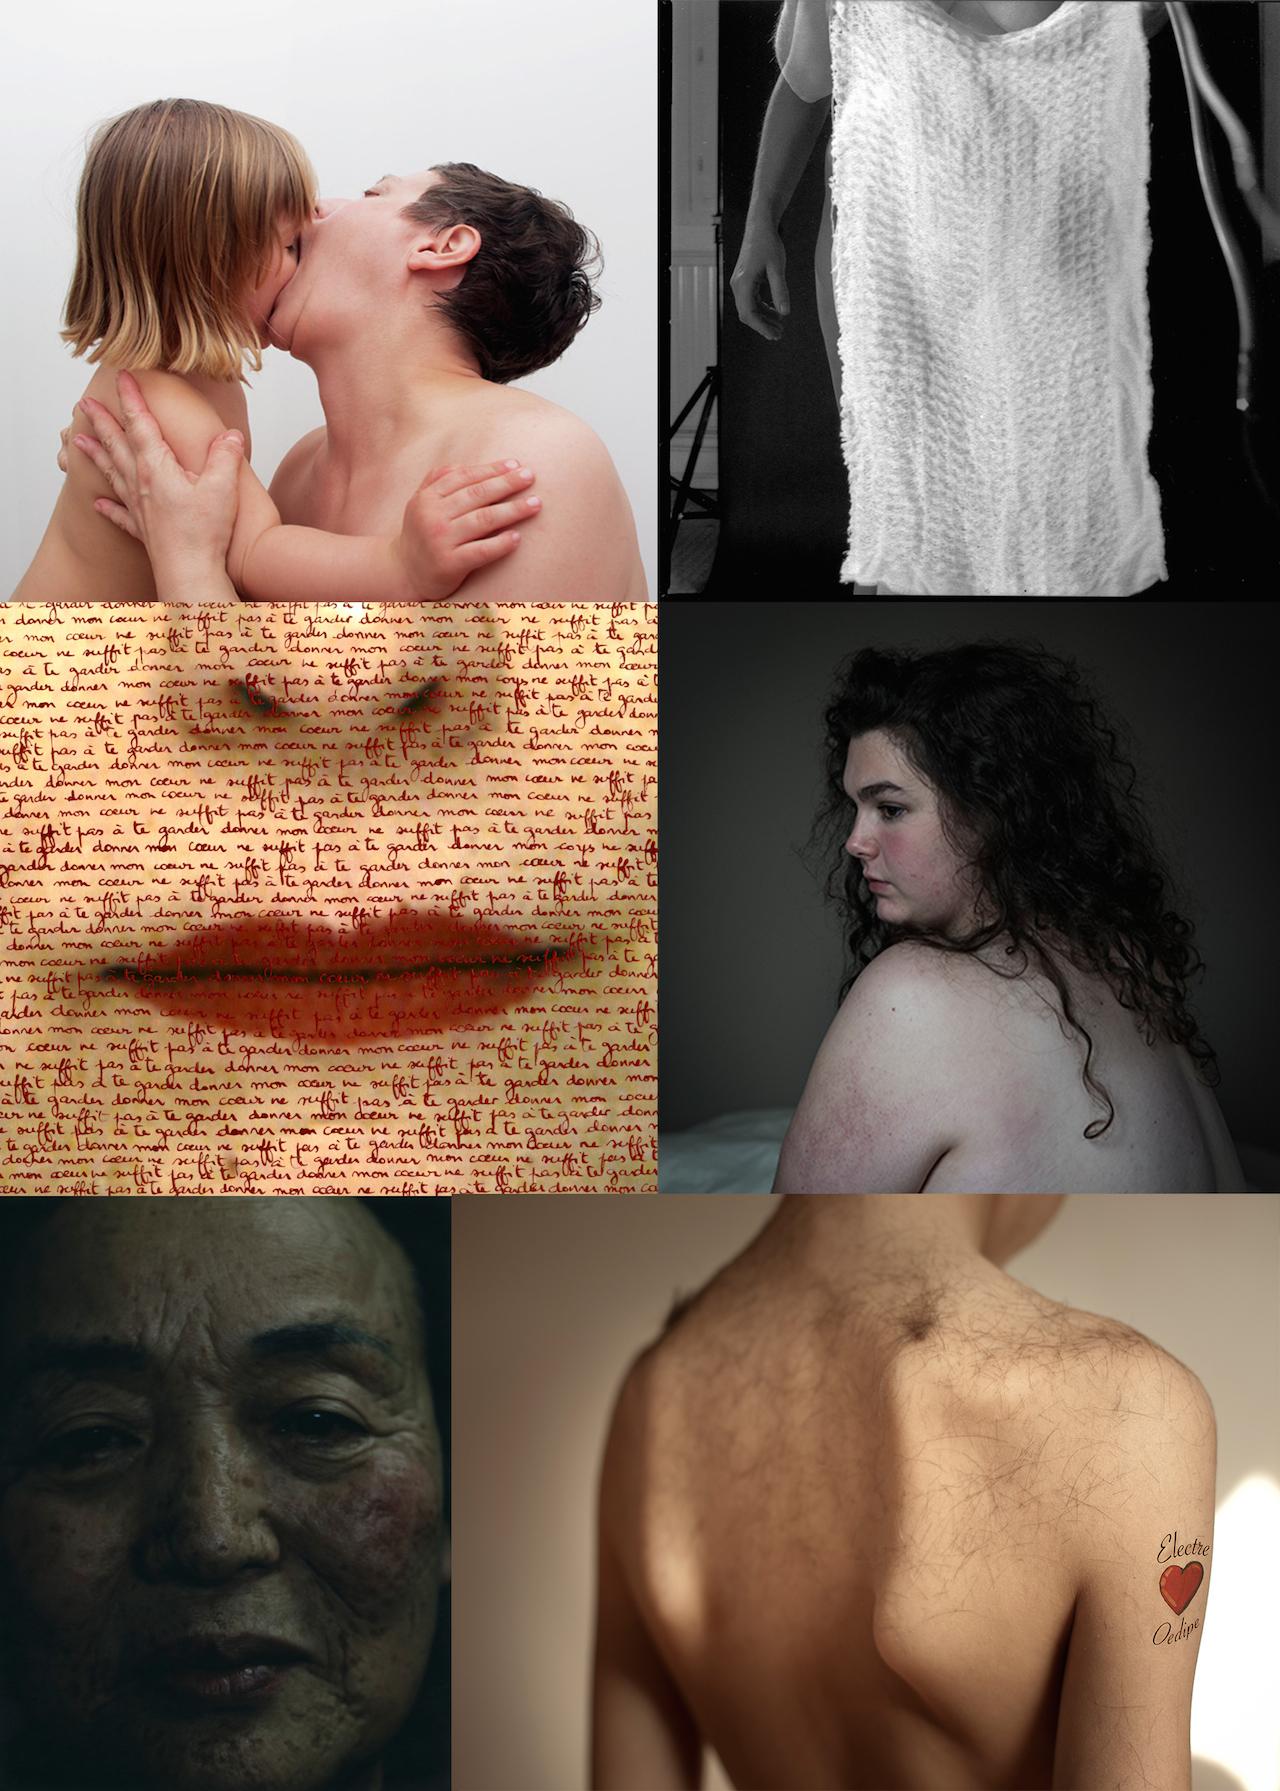 Les yeux de l oprateur et de l inceste porno galerie photo